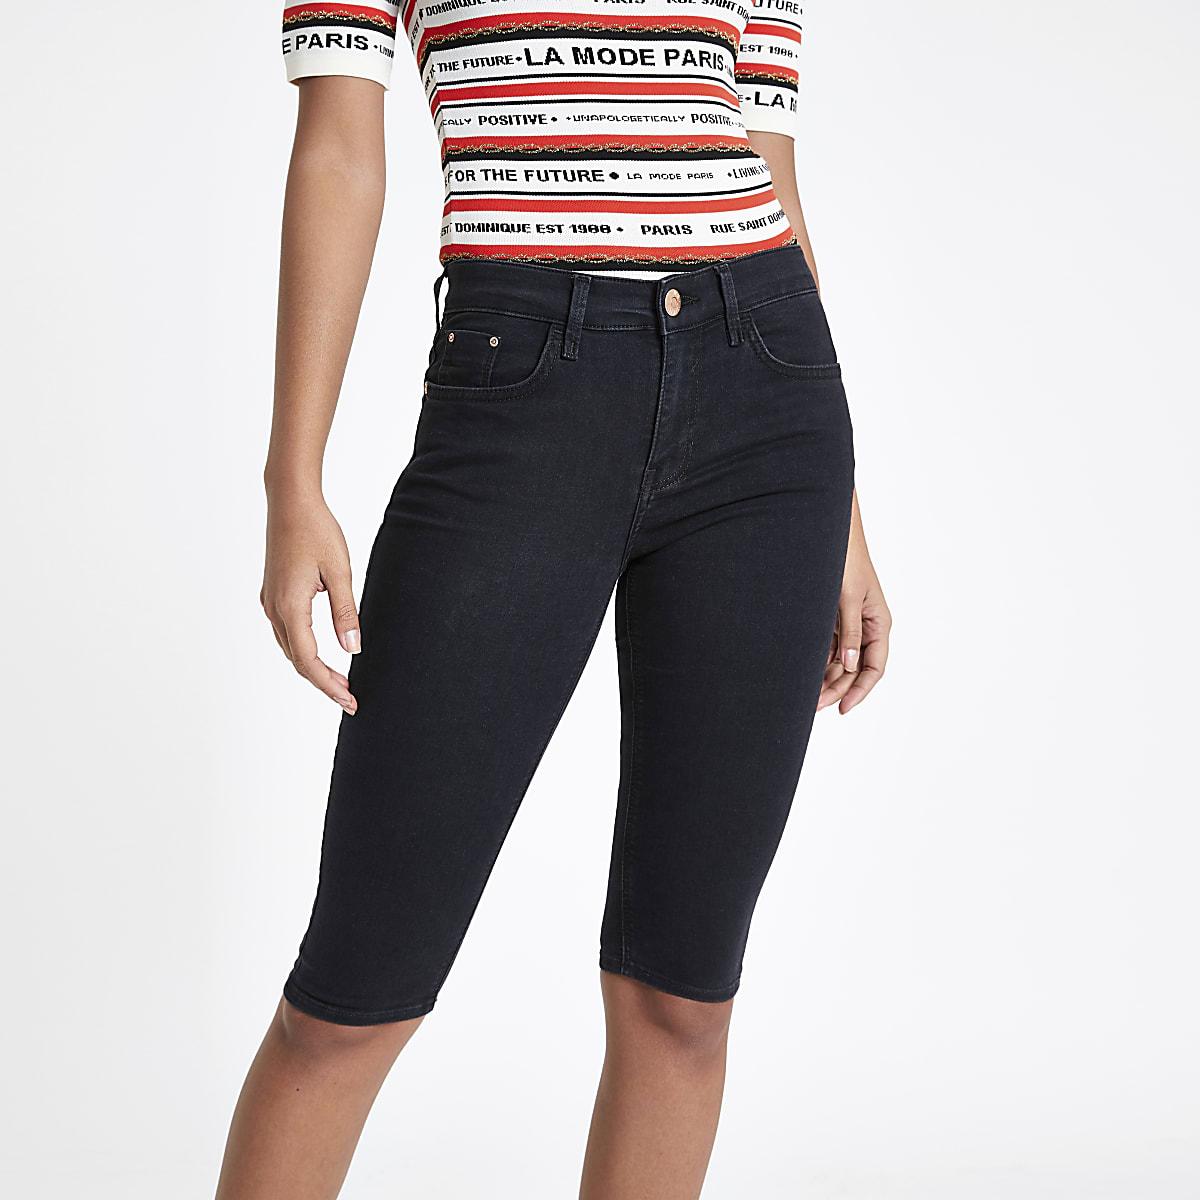 Black denim cycling shorts